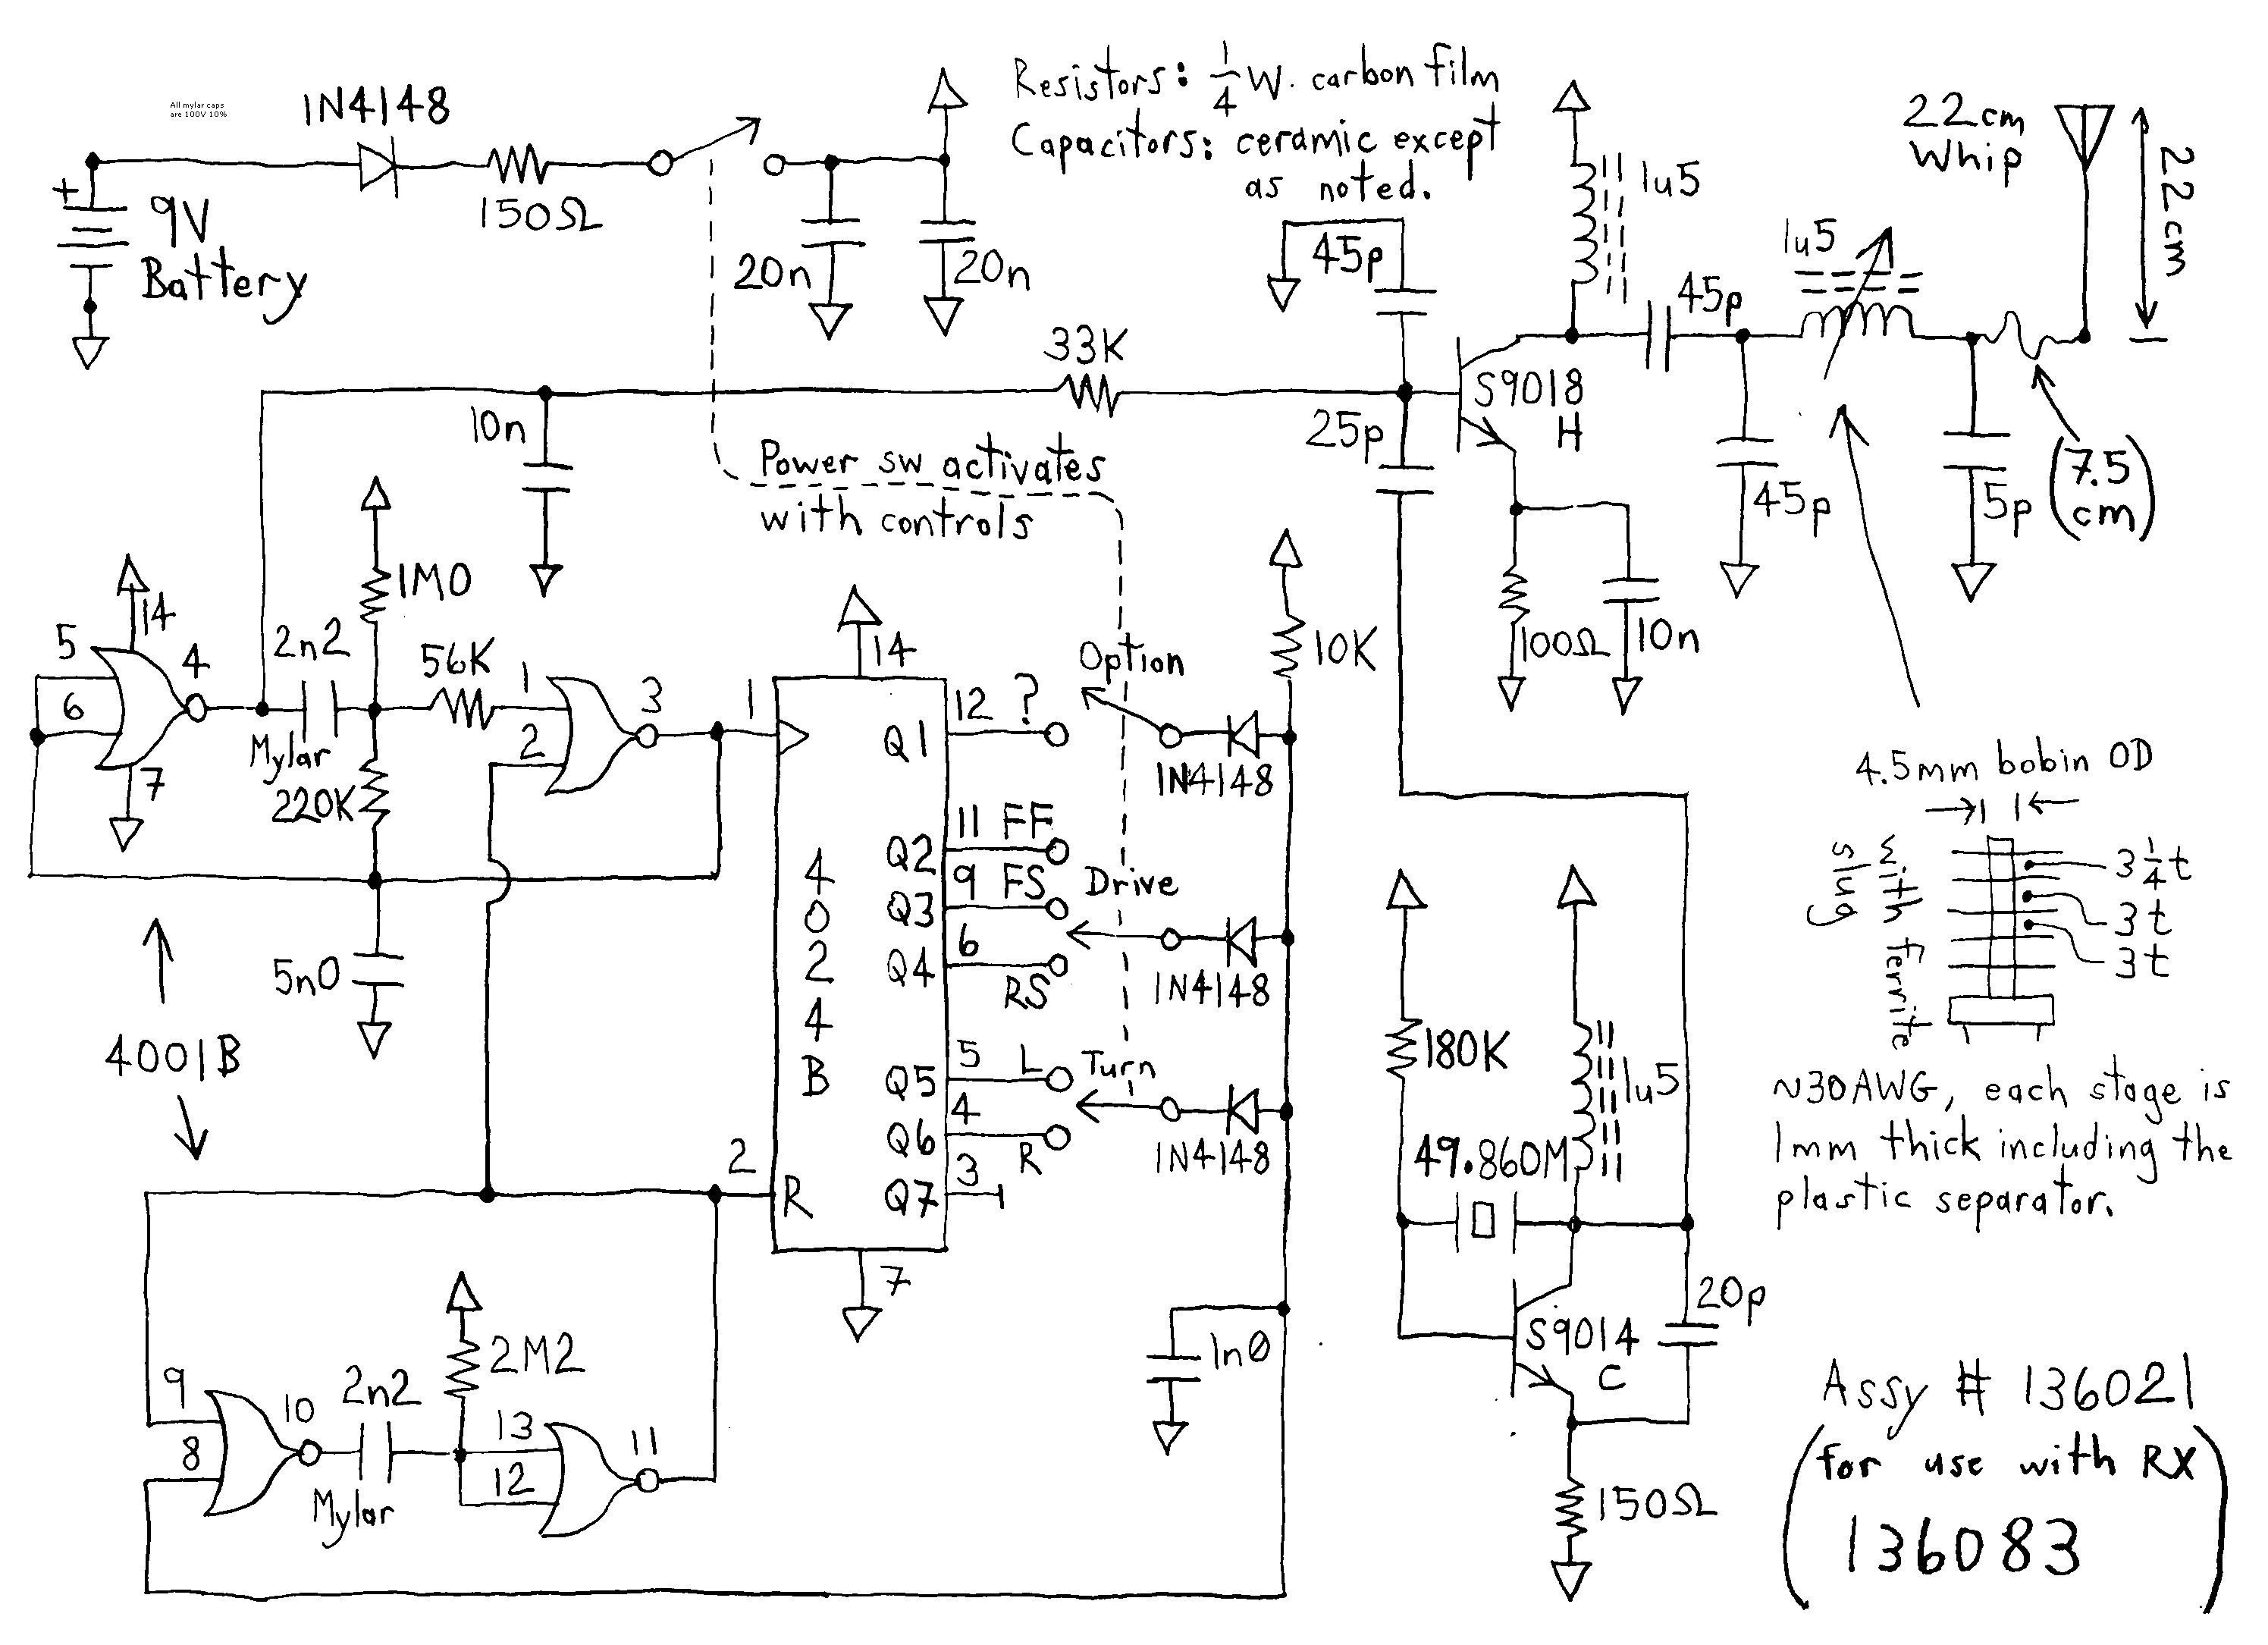 Basic car wiring diagram my